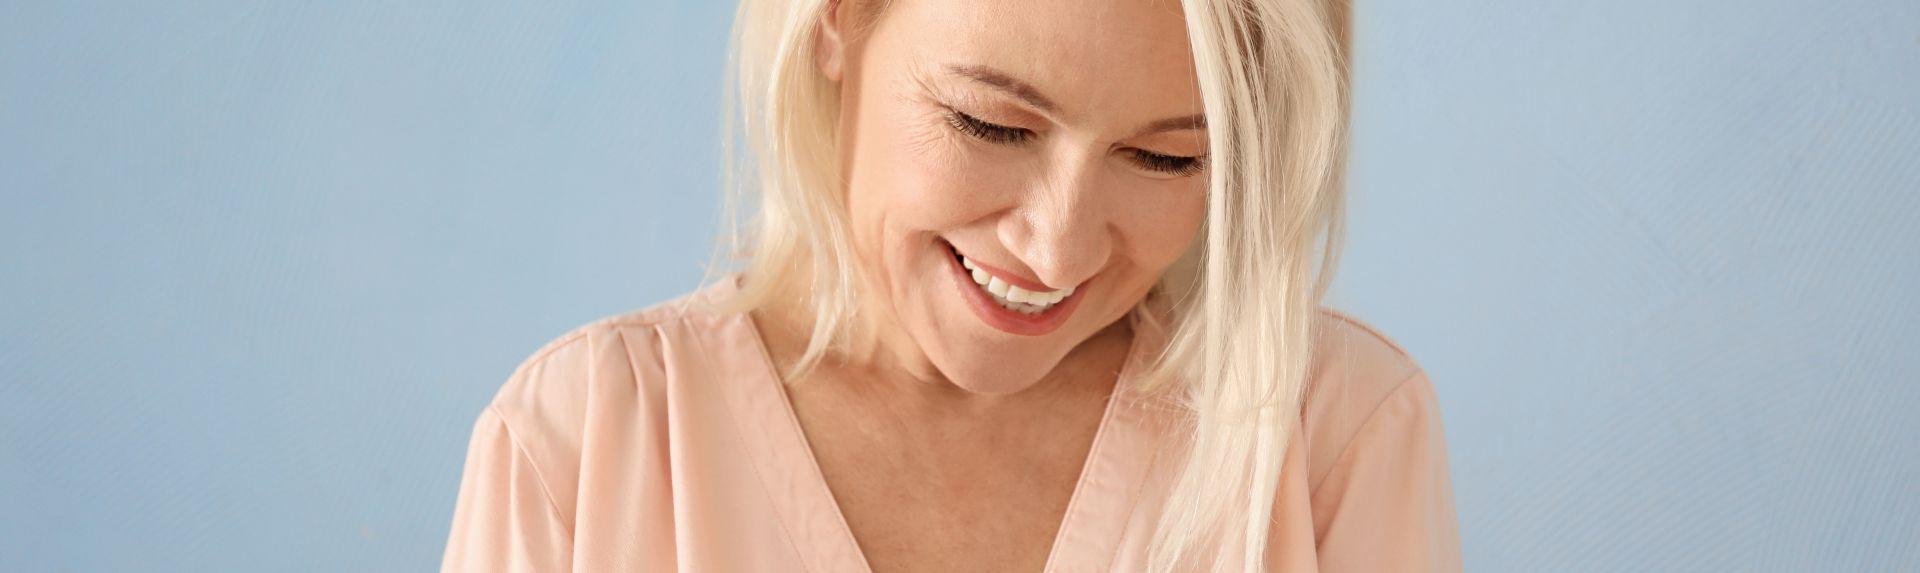 Мифы о заместительной гормональной терапии